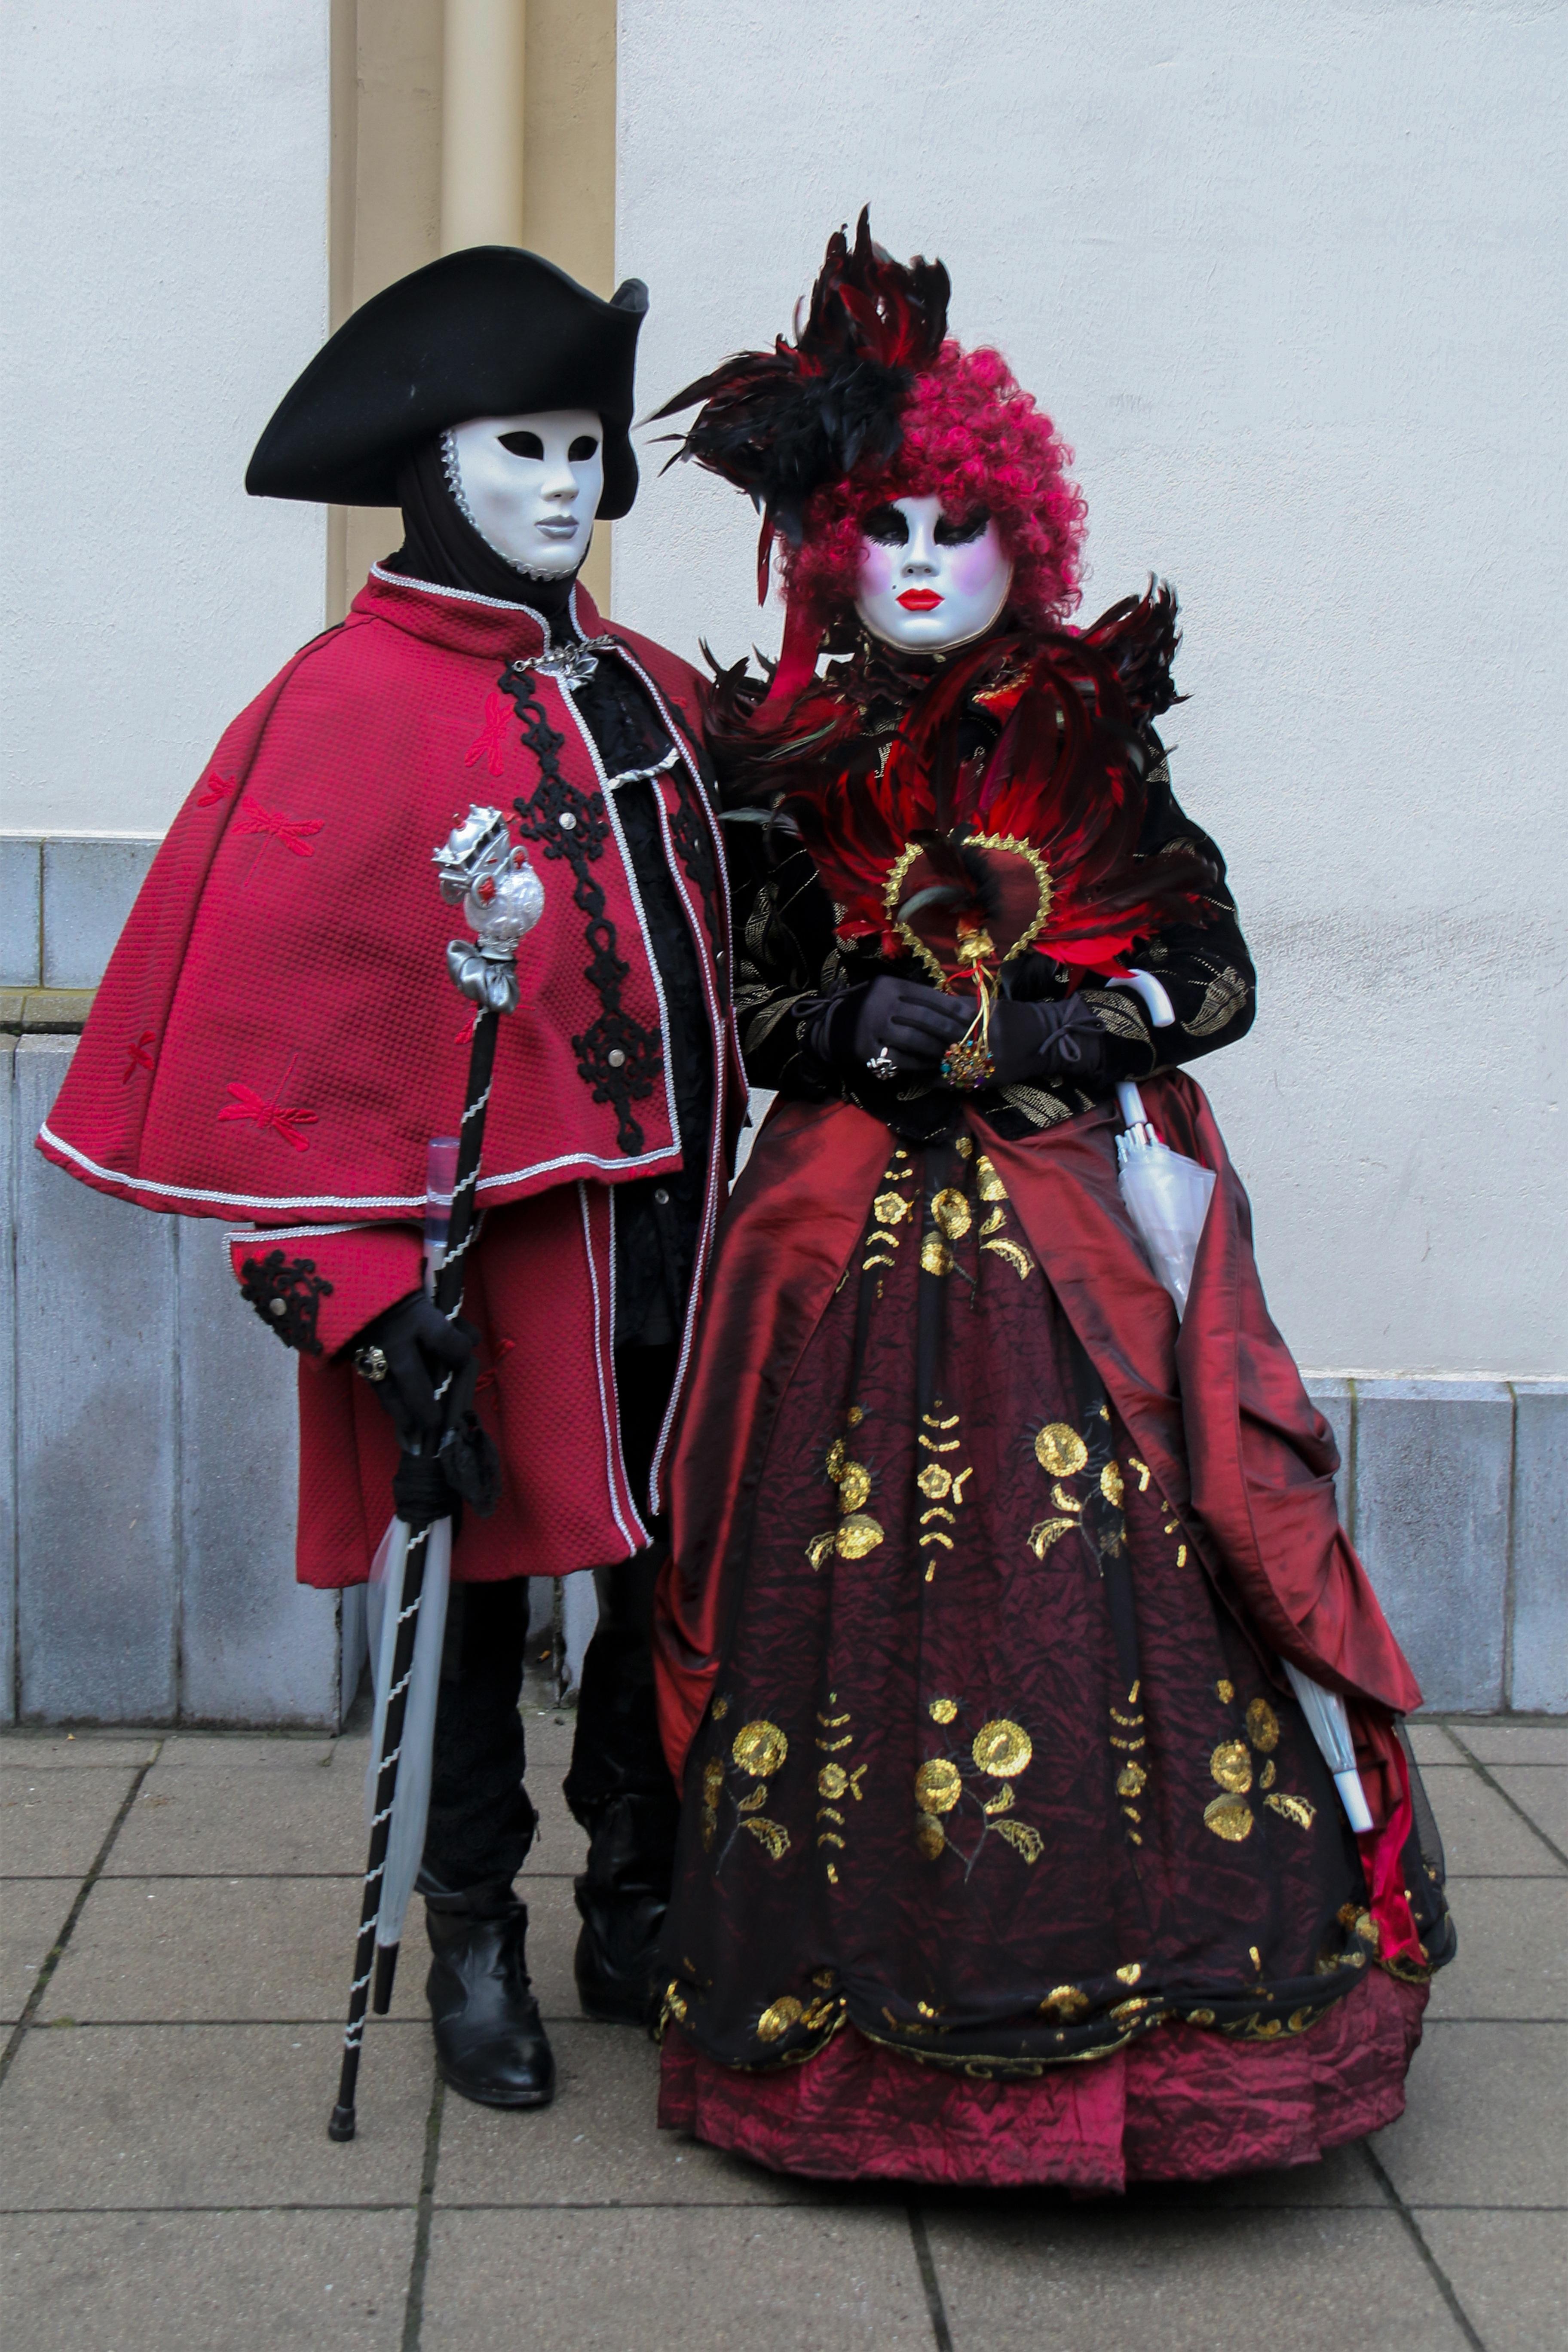 kostenlose foto rot karneval paar oberbekleidung festival maske verkleidung tradition. Black Bedroom Furniture Sets. Home Design Ideas